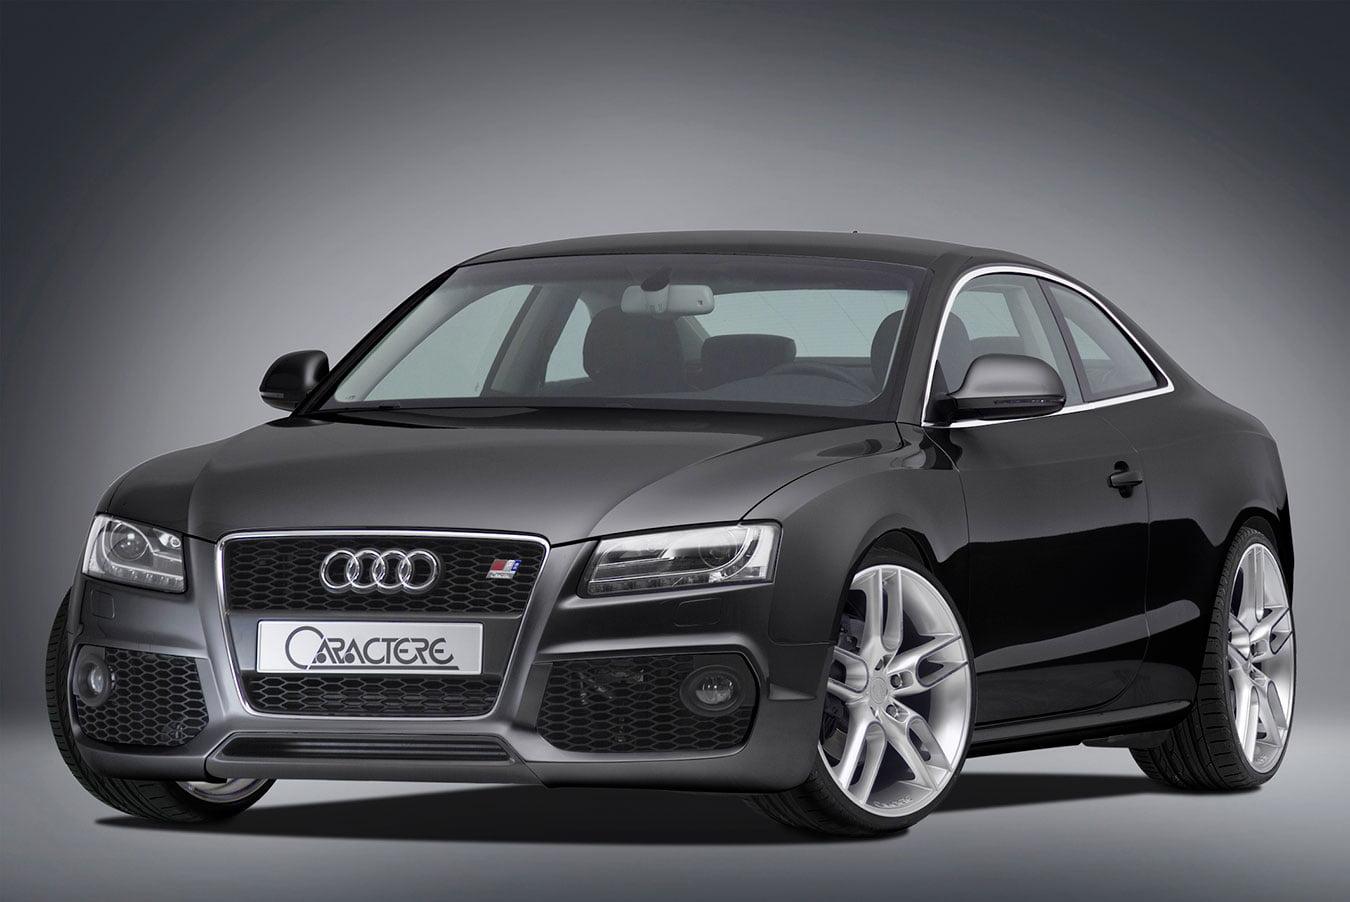 Audi A5 B8.0 (2008-2011)